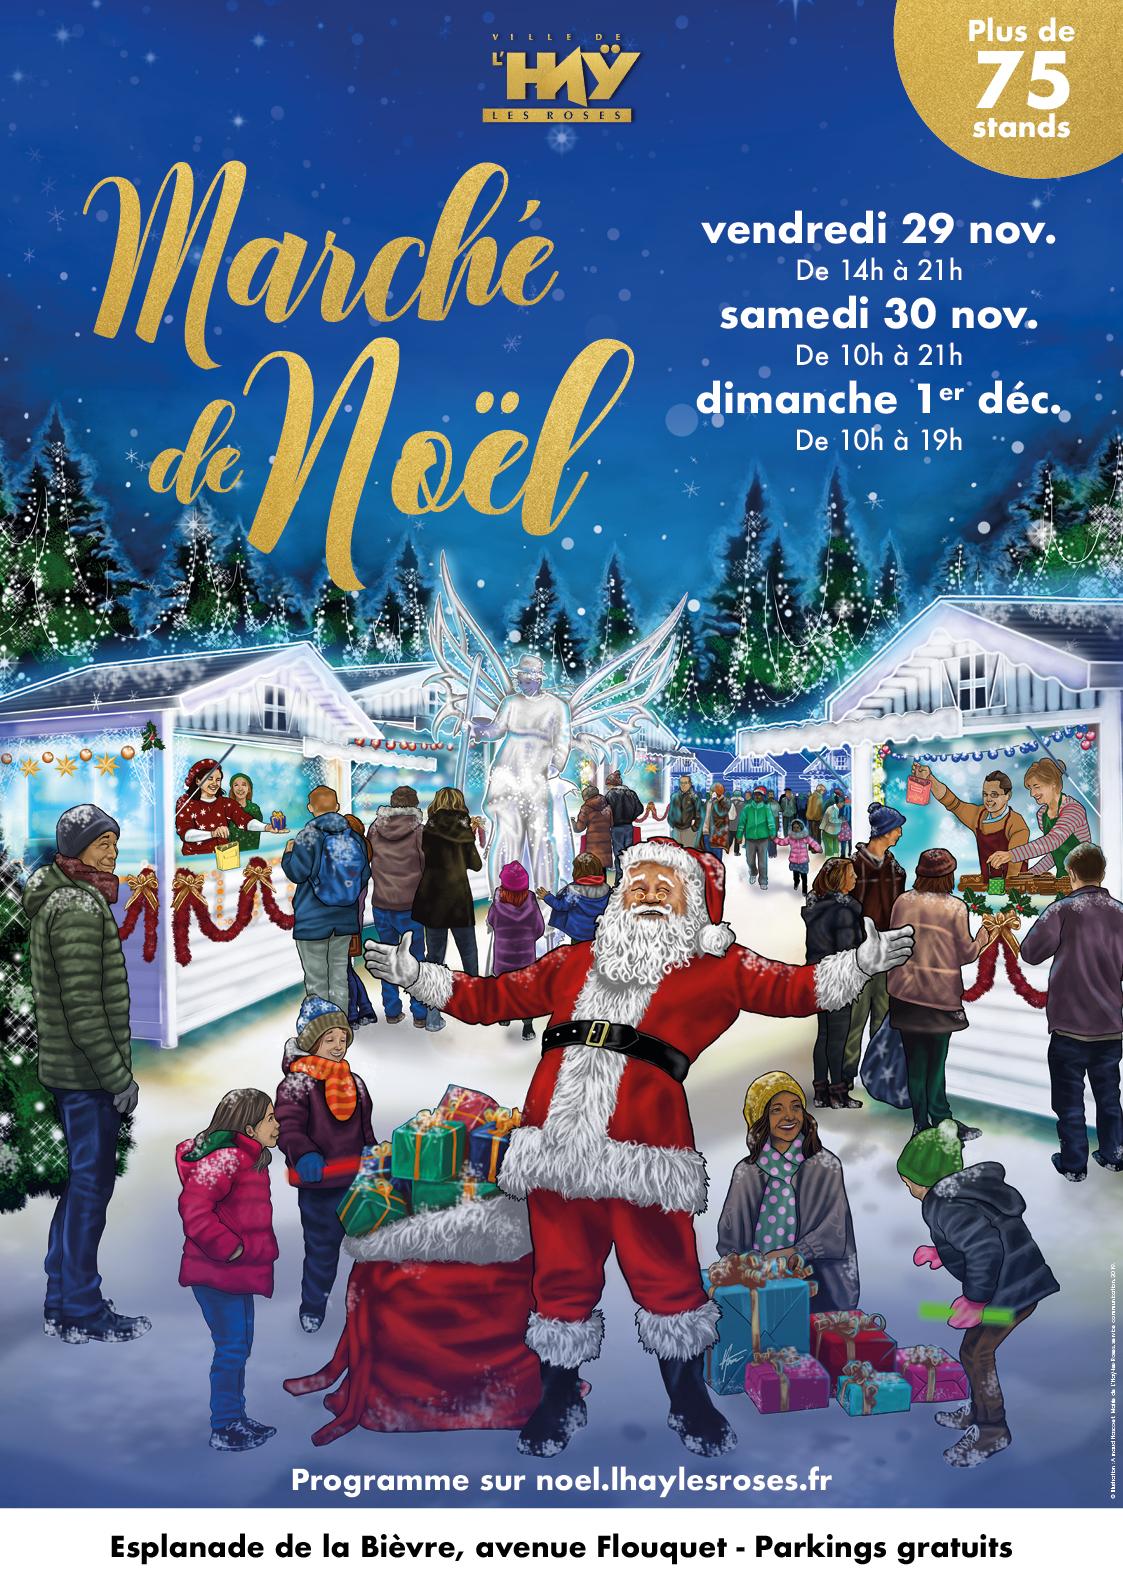 marche-de-noel-affiche-A3-01